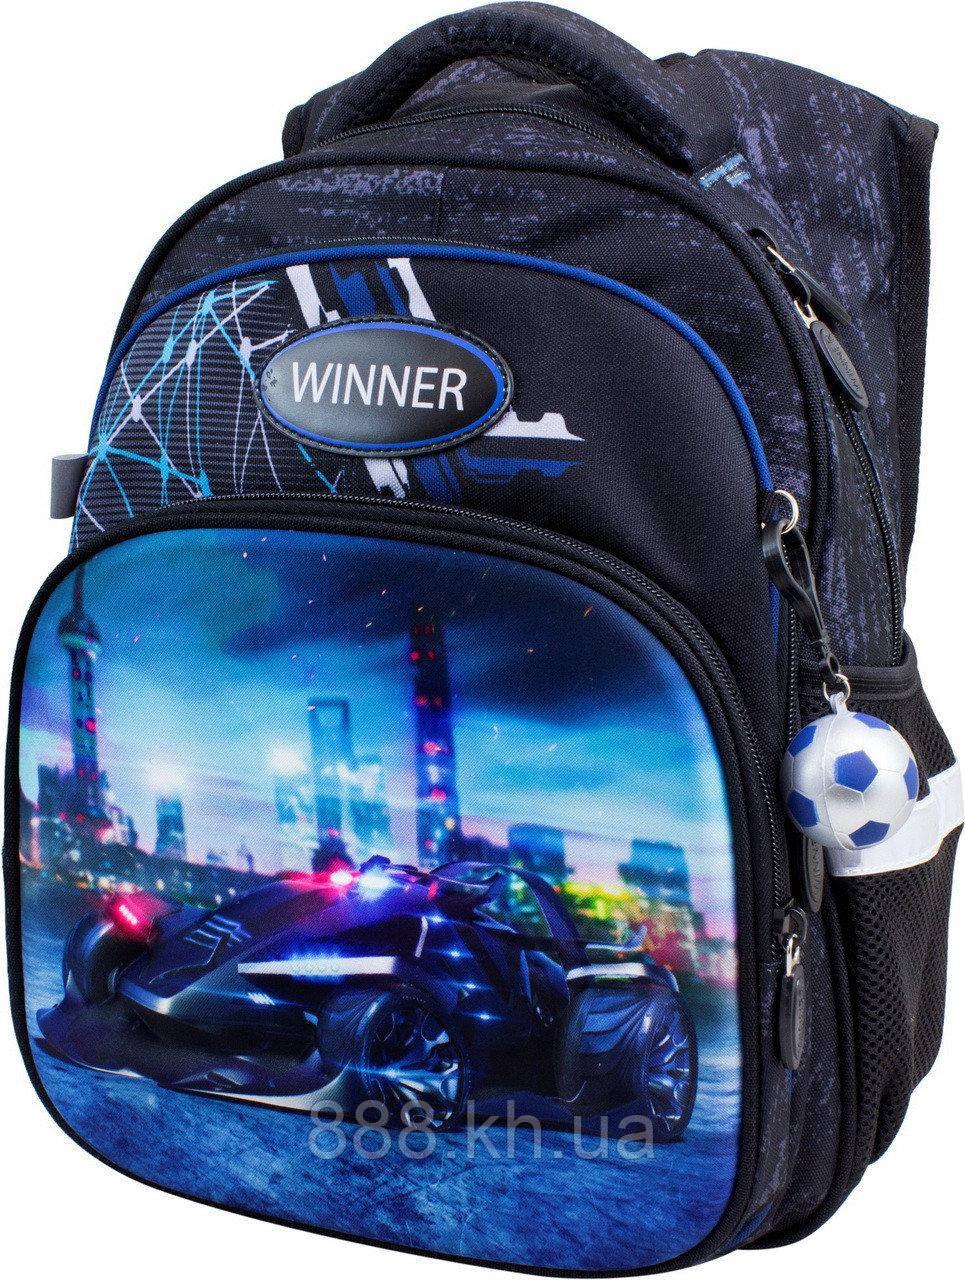 Школьный портфель с дышащей спинкой winner, рюкзак ортопедический, портфель с объемным рисунком, фото 1